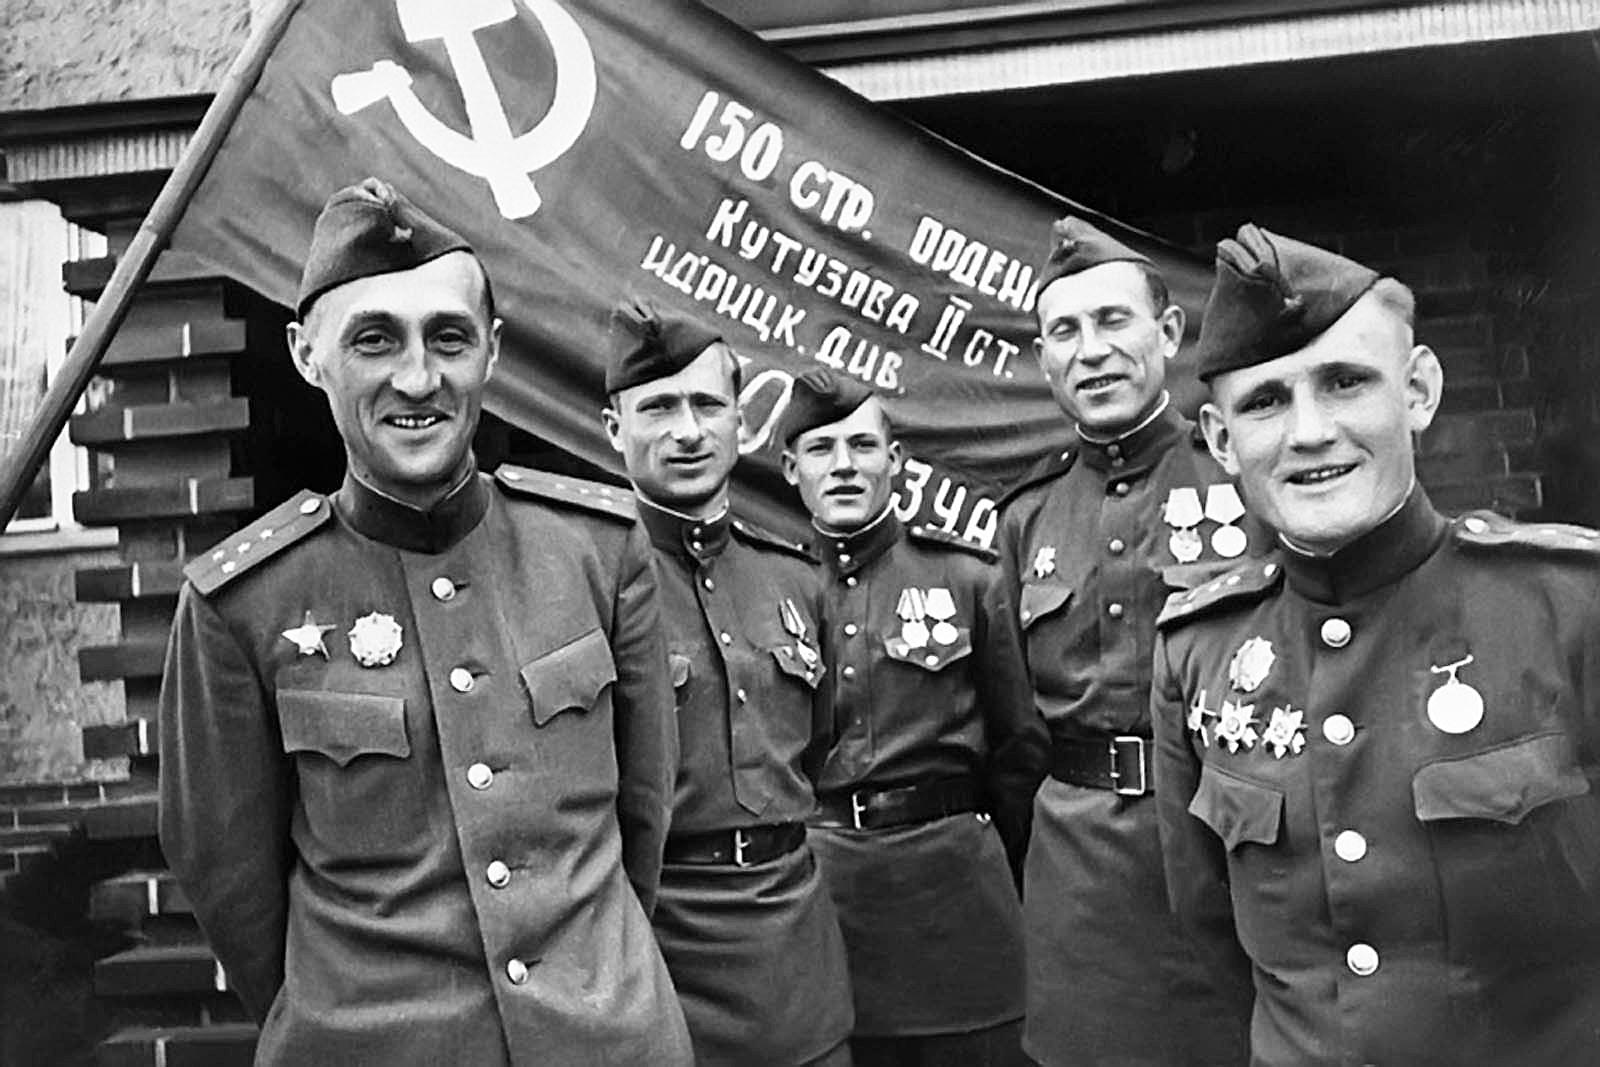 Участники штурма Рейхстага (слева направо) К. Я.Самсонов, М. В.Кантария, М. А.Егоров, И. Я.Сьянов, С. А.Неустроев у Знамени Победы. Май 1945 года